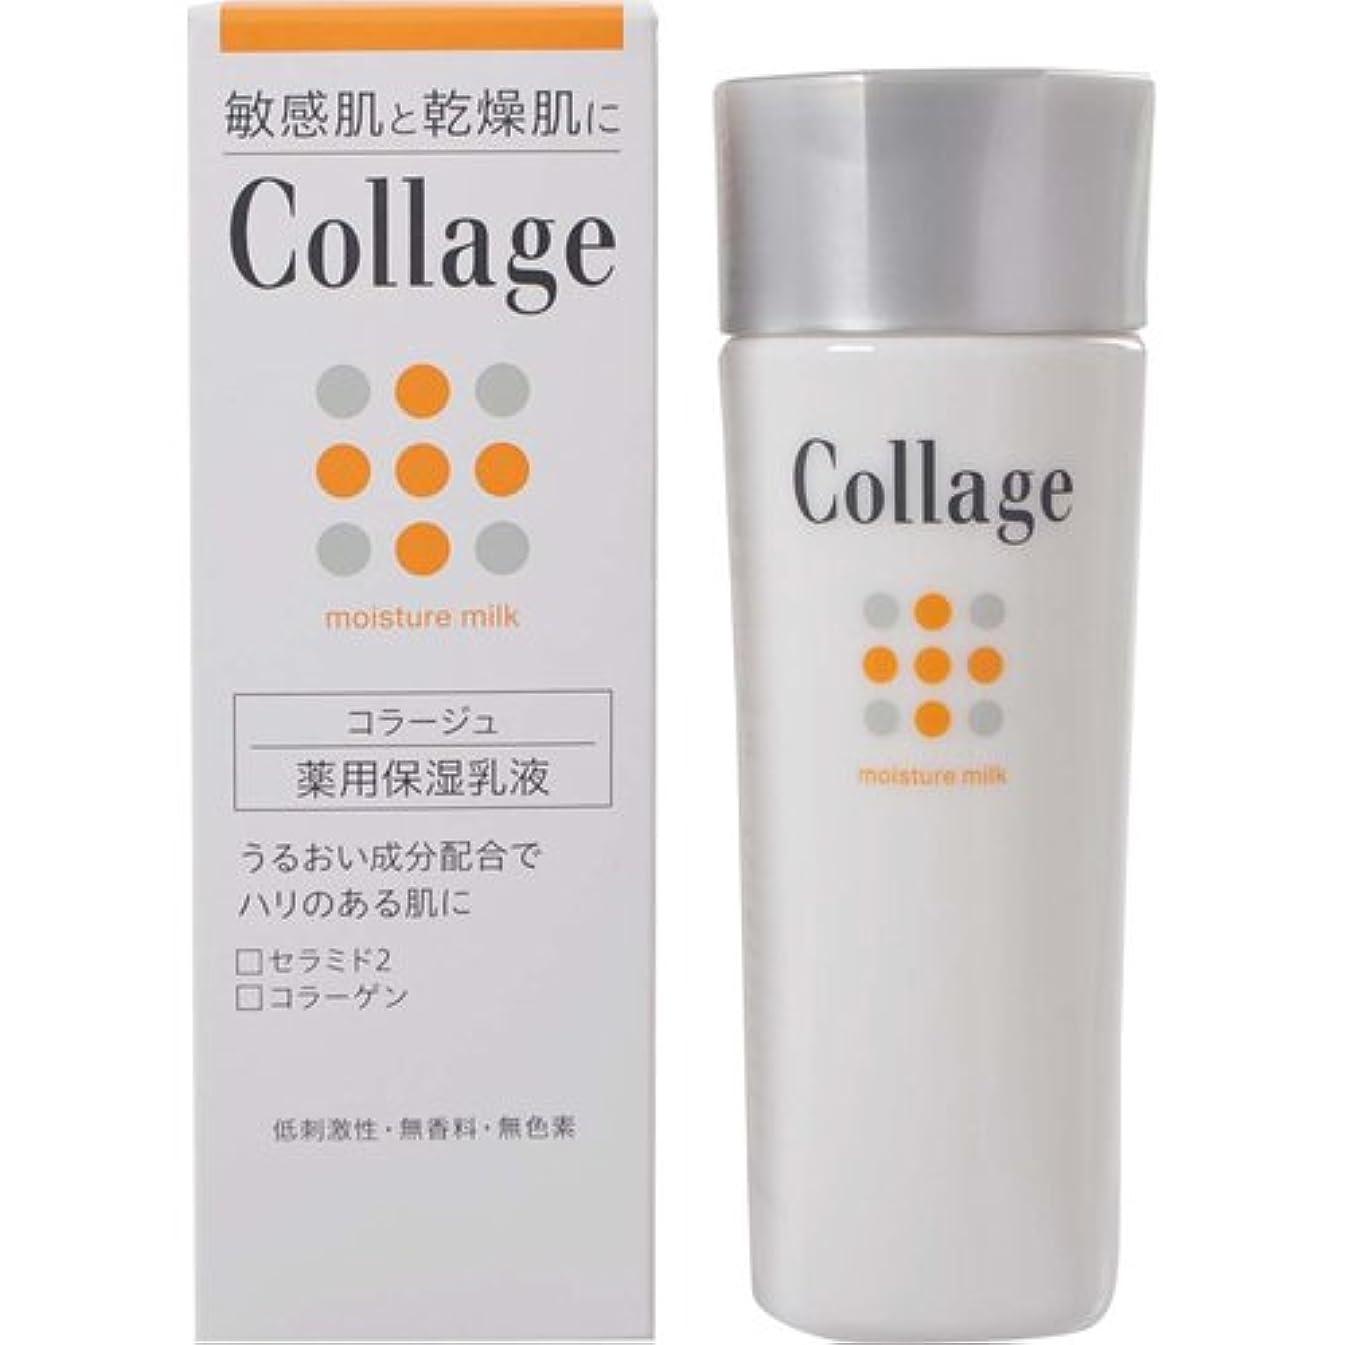 一晩流カエルコラージュ 薬用保湿乳液 80mL 【医薬部外品】